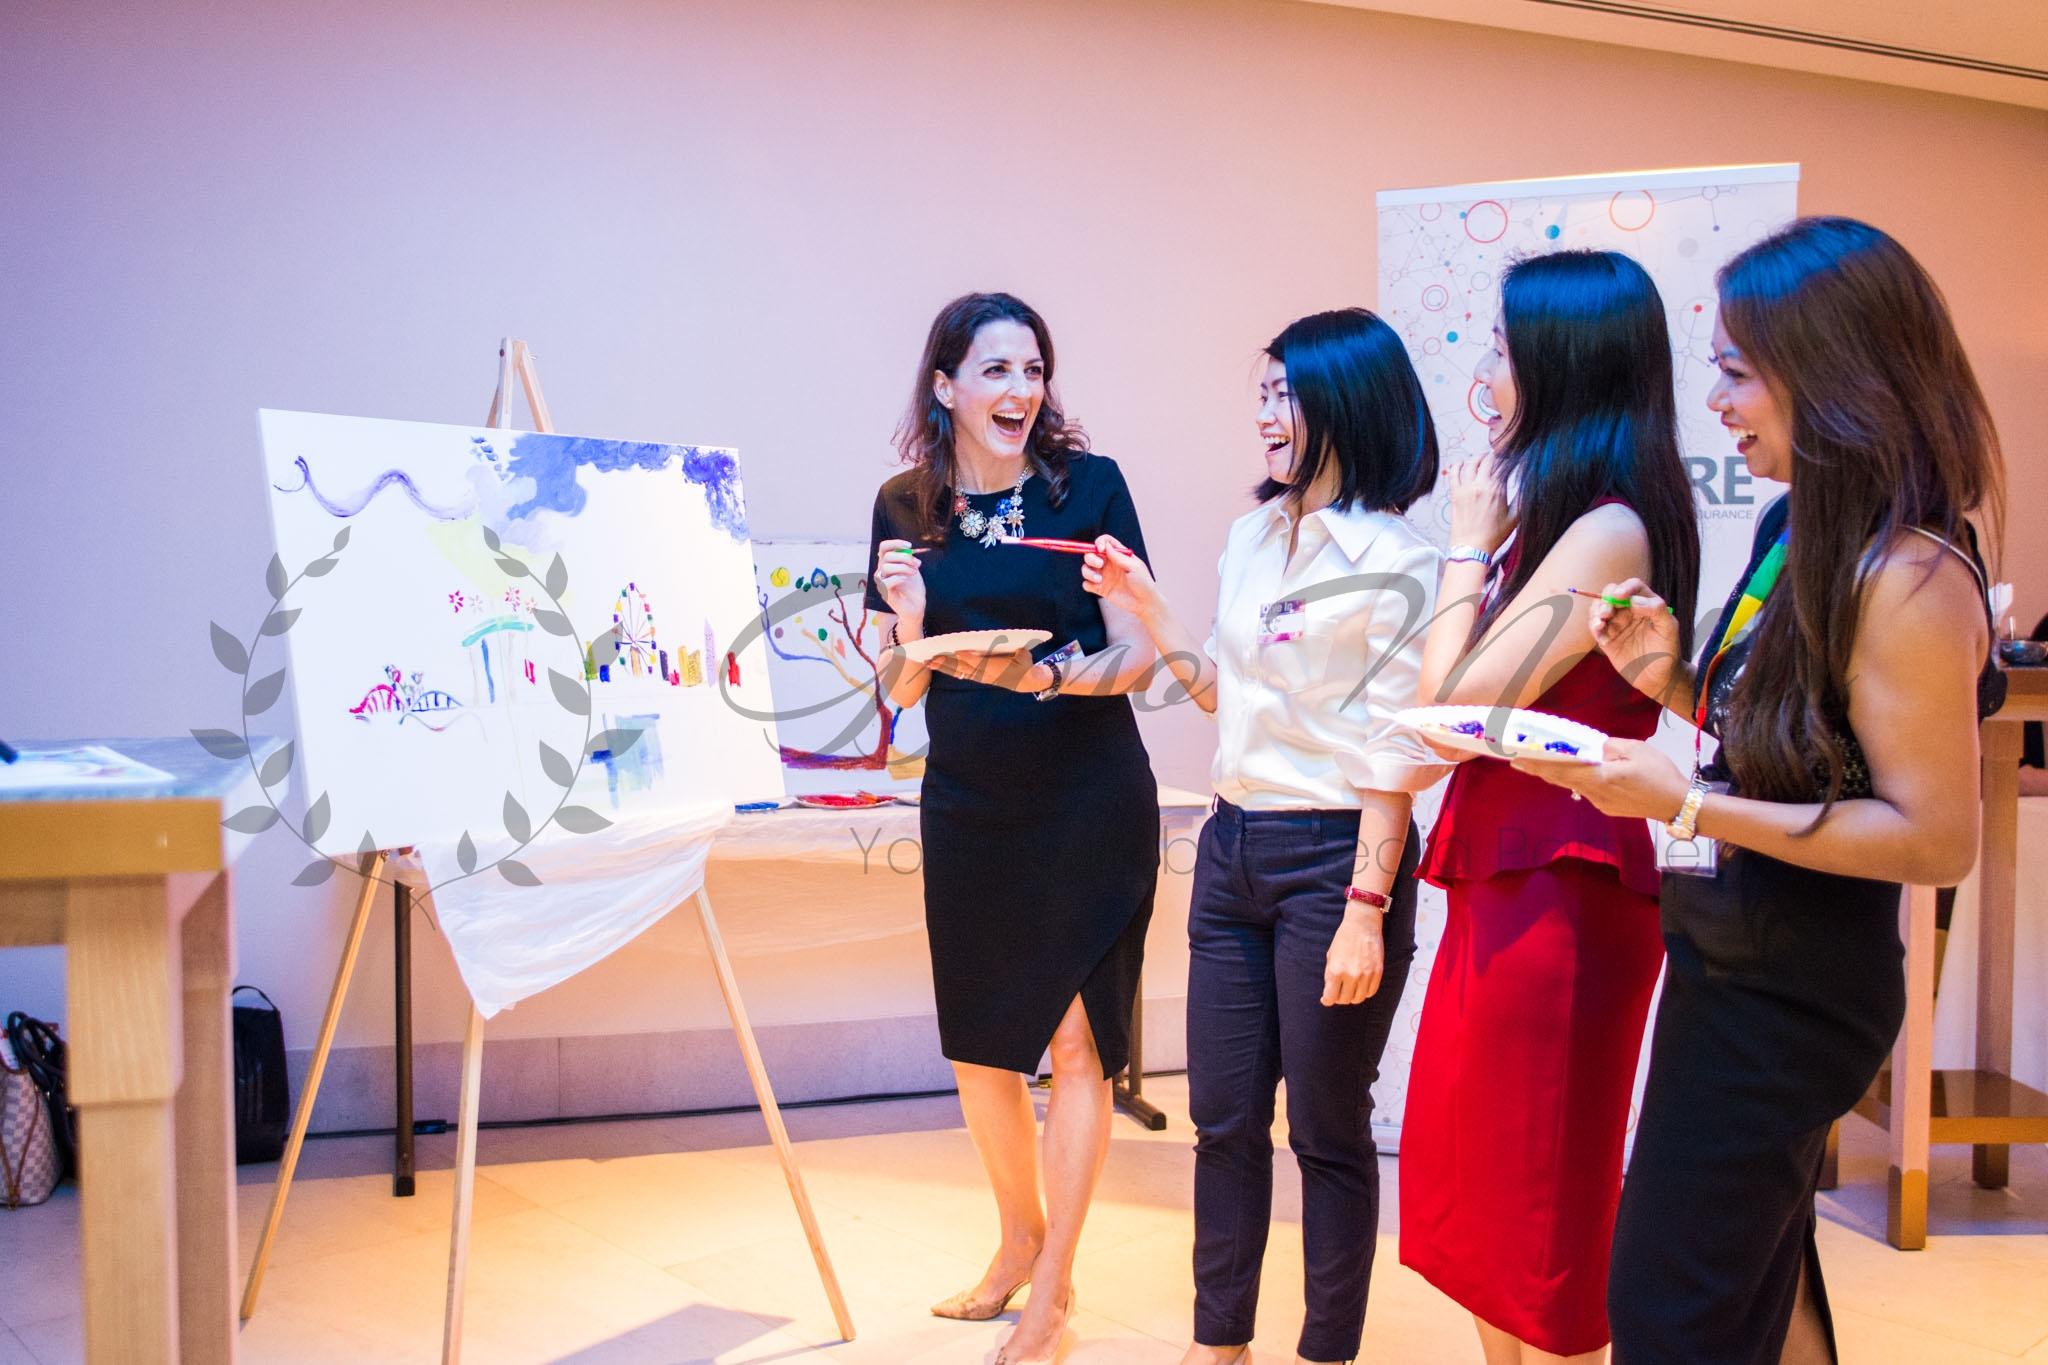 Freelance Photographer Singapore | Professional Photographer Singapore